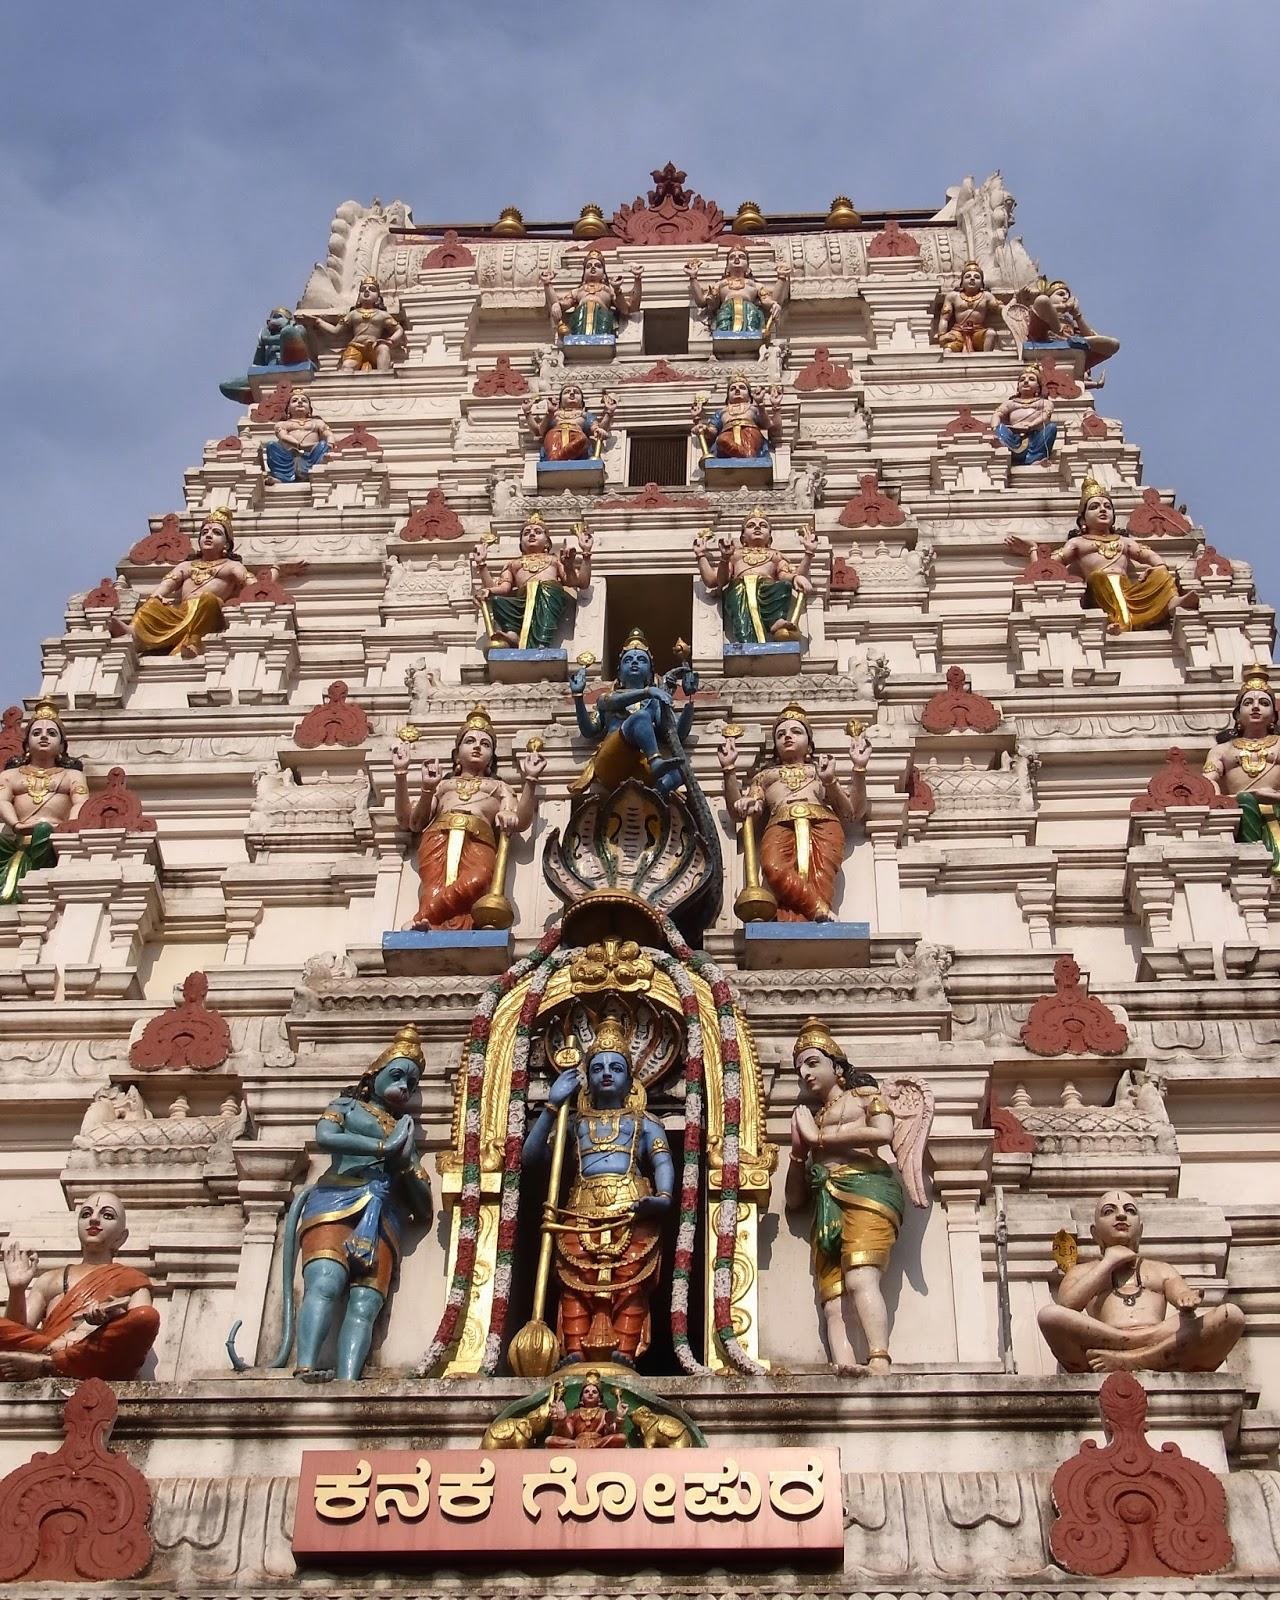 2017, abenteuerreise, abu dhabi, atlantis, dubai, emirates, erfahrung, exotisches indien, faszinierender orient, goa, indien, mumbai, muscat, orient, planung, reisebericht, sehenswürdigkeiten, travel, travel the world,